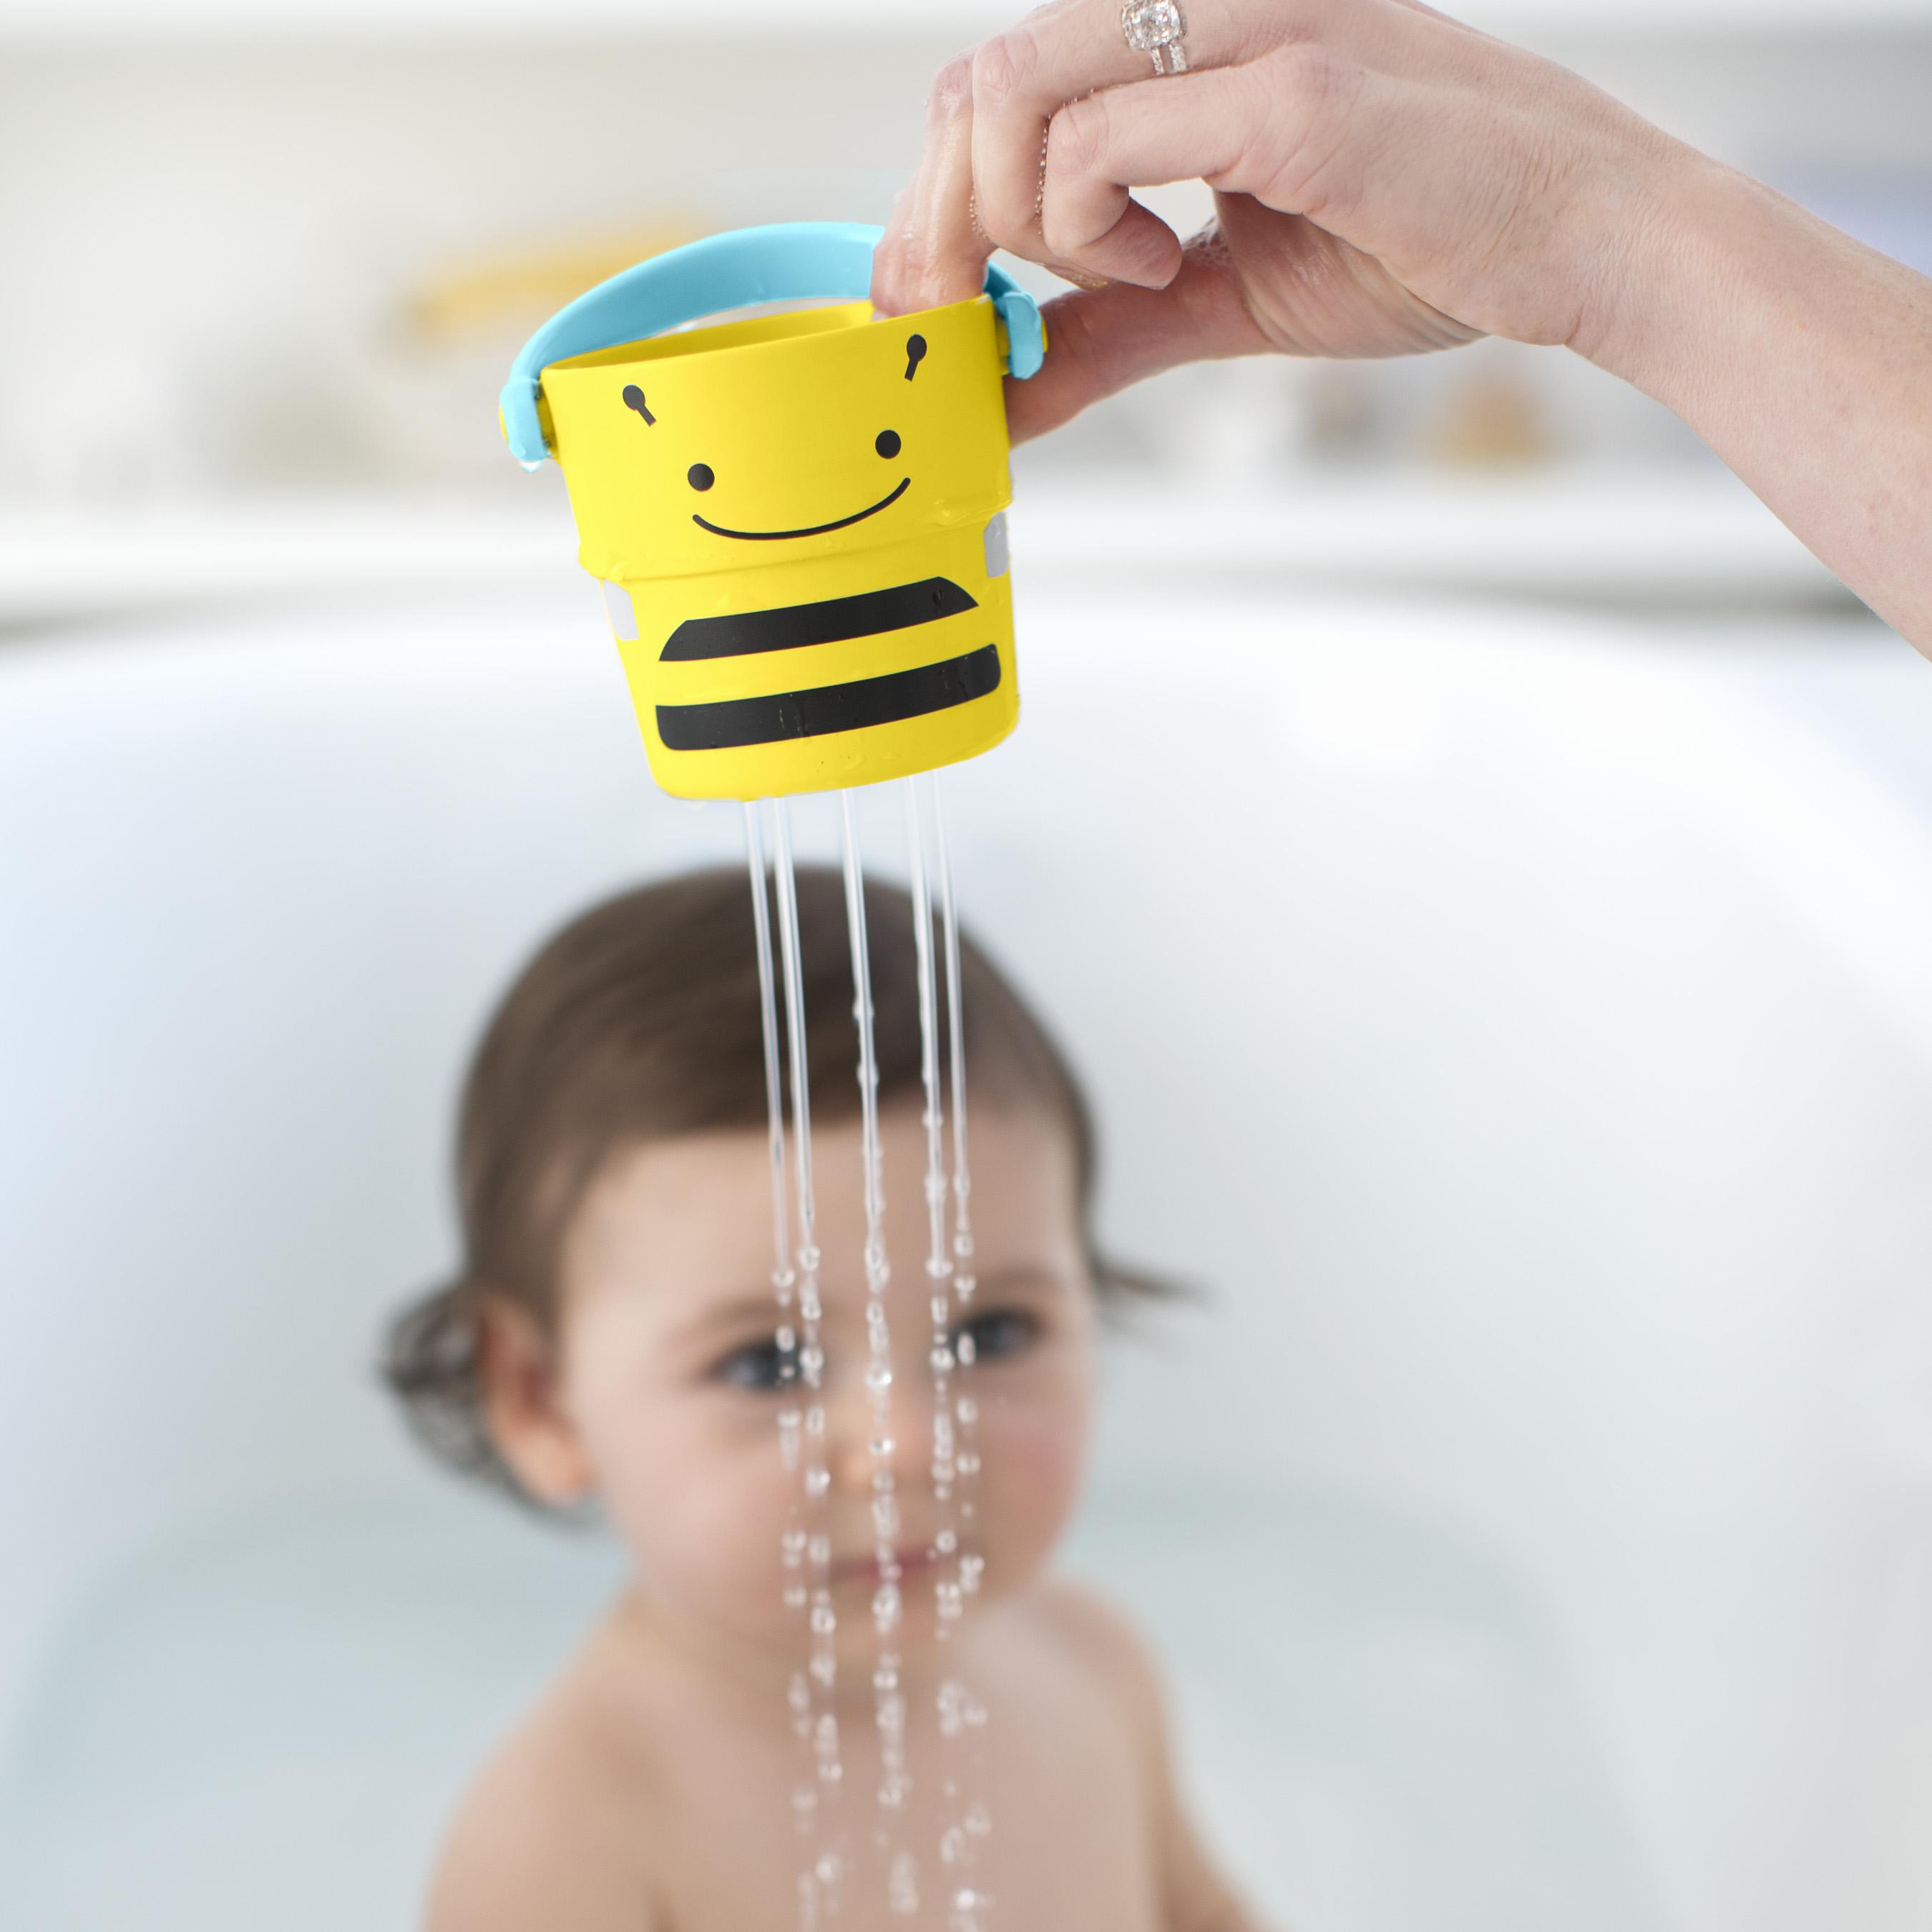 סט חמישיית דלי משחק לאמבטיה